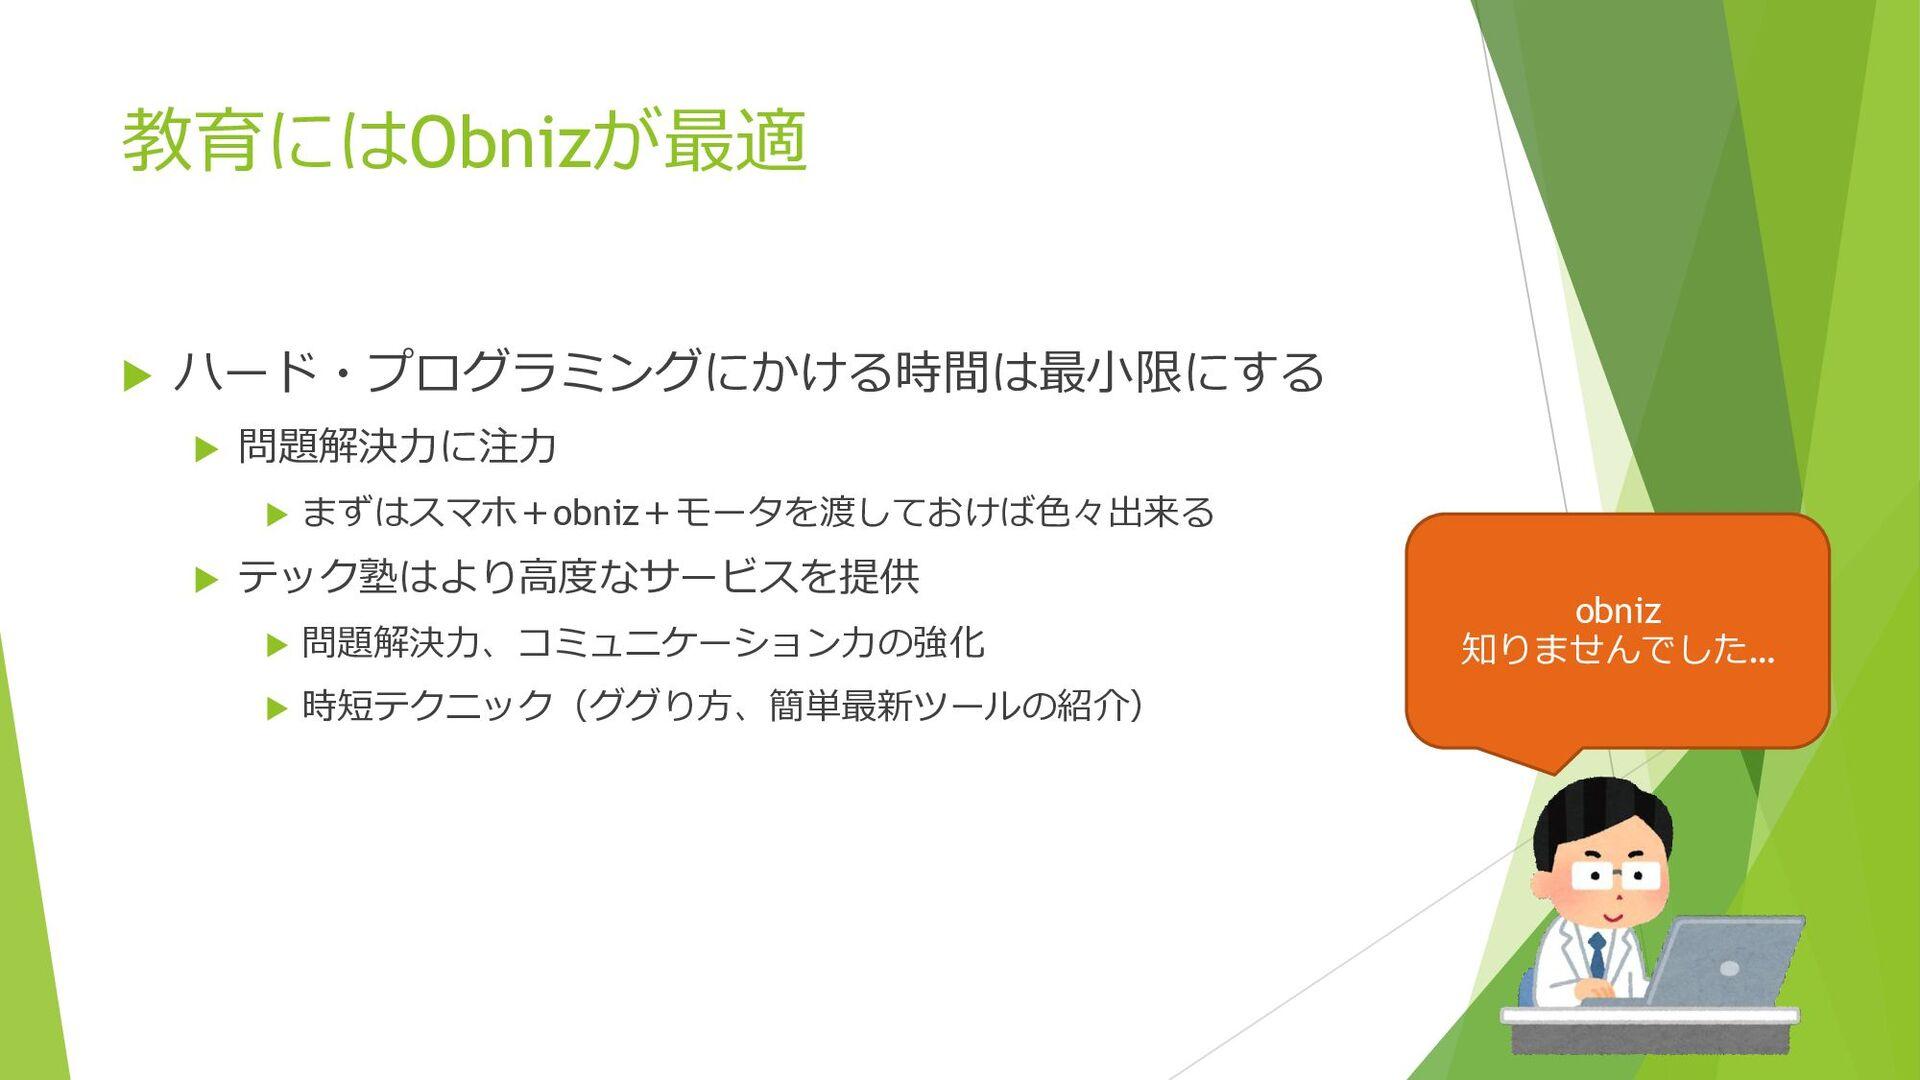 教育にはObnizが最適  ハード・プログラミングにかける時間は最小限にする  問題解決力...